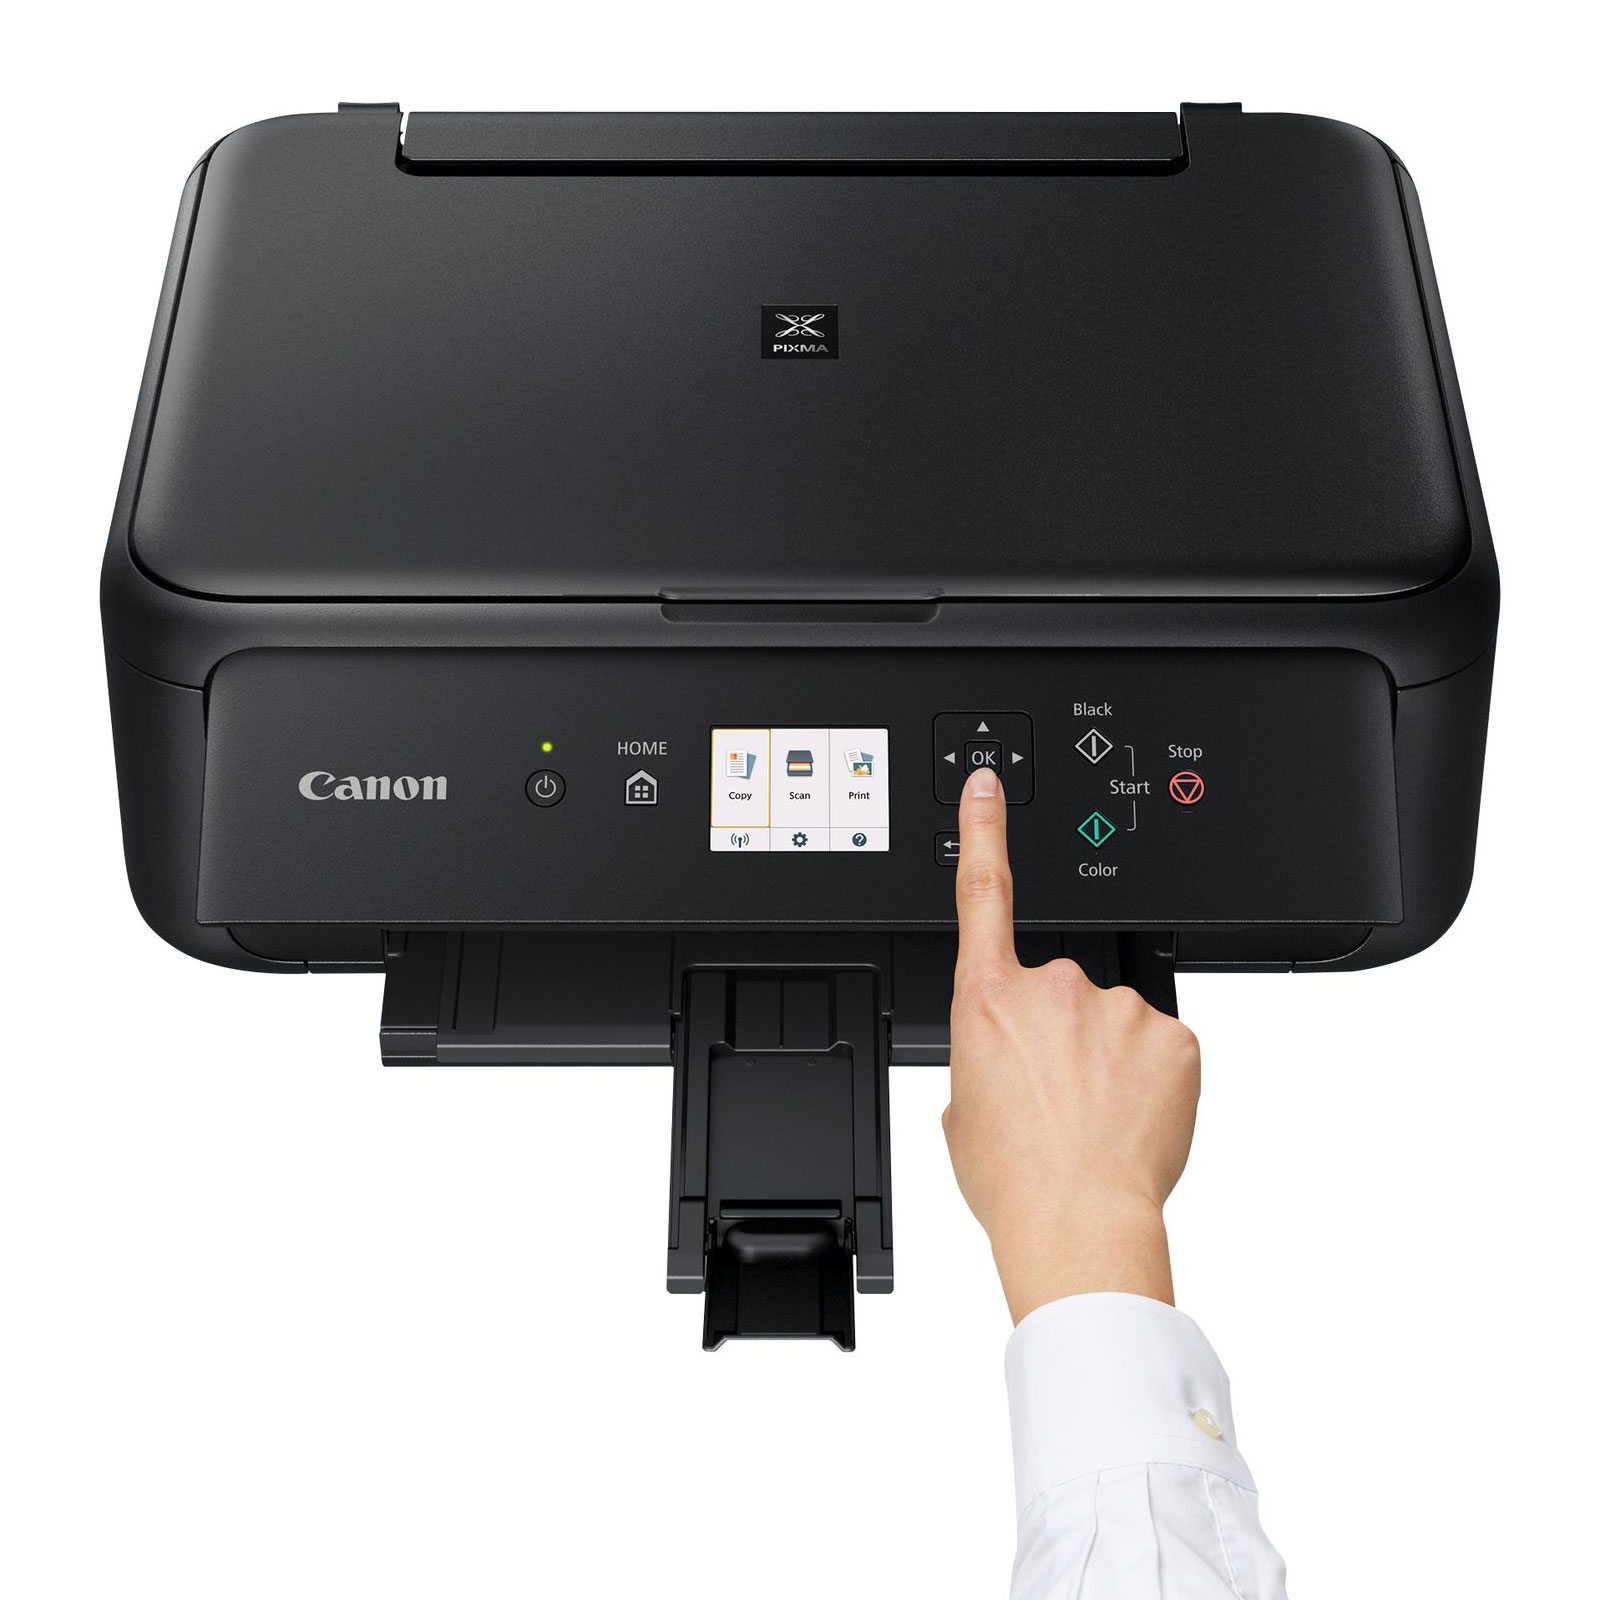 PIXMA TS5150 (2228C006) - Achat / Vente Imprimante multifonction sur Picata.fr - 2